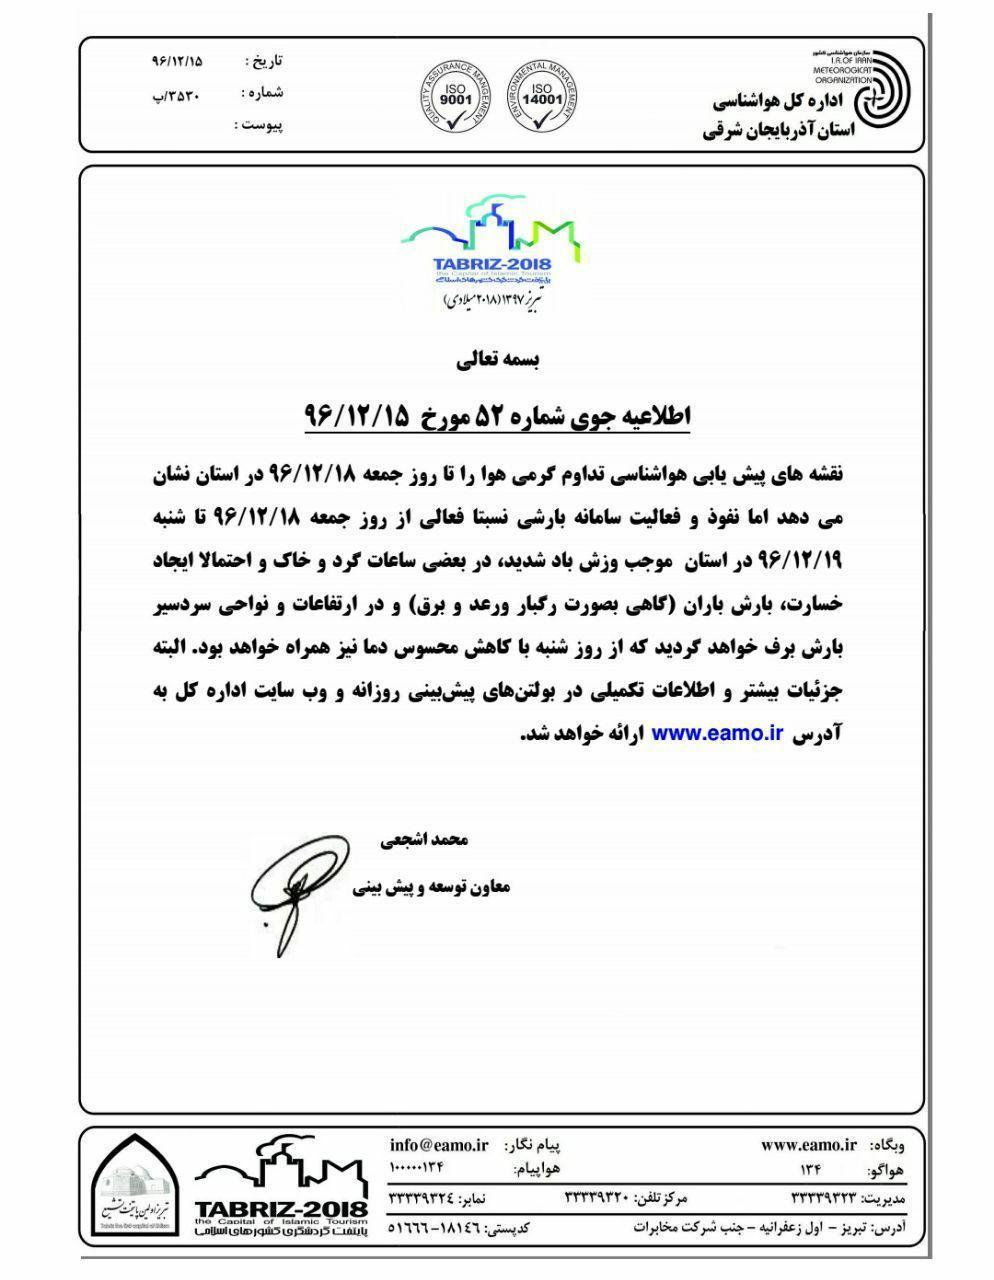 سامانه بارشی جدید در آذربایجان شرقی؛ از جمعه